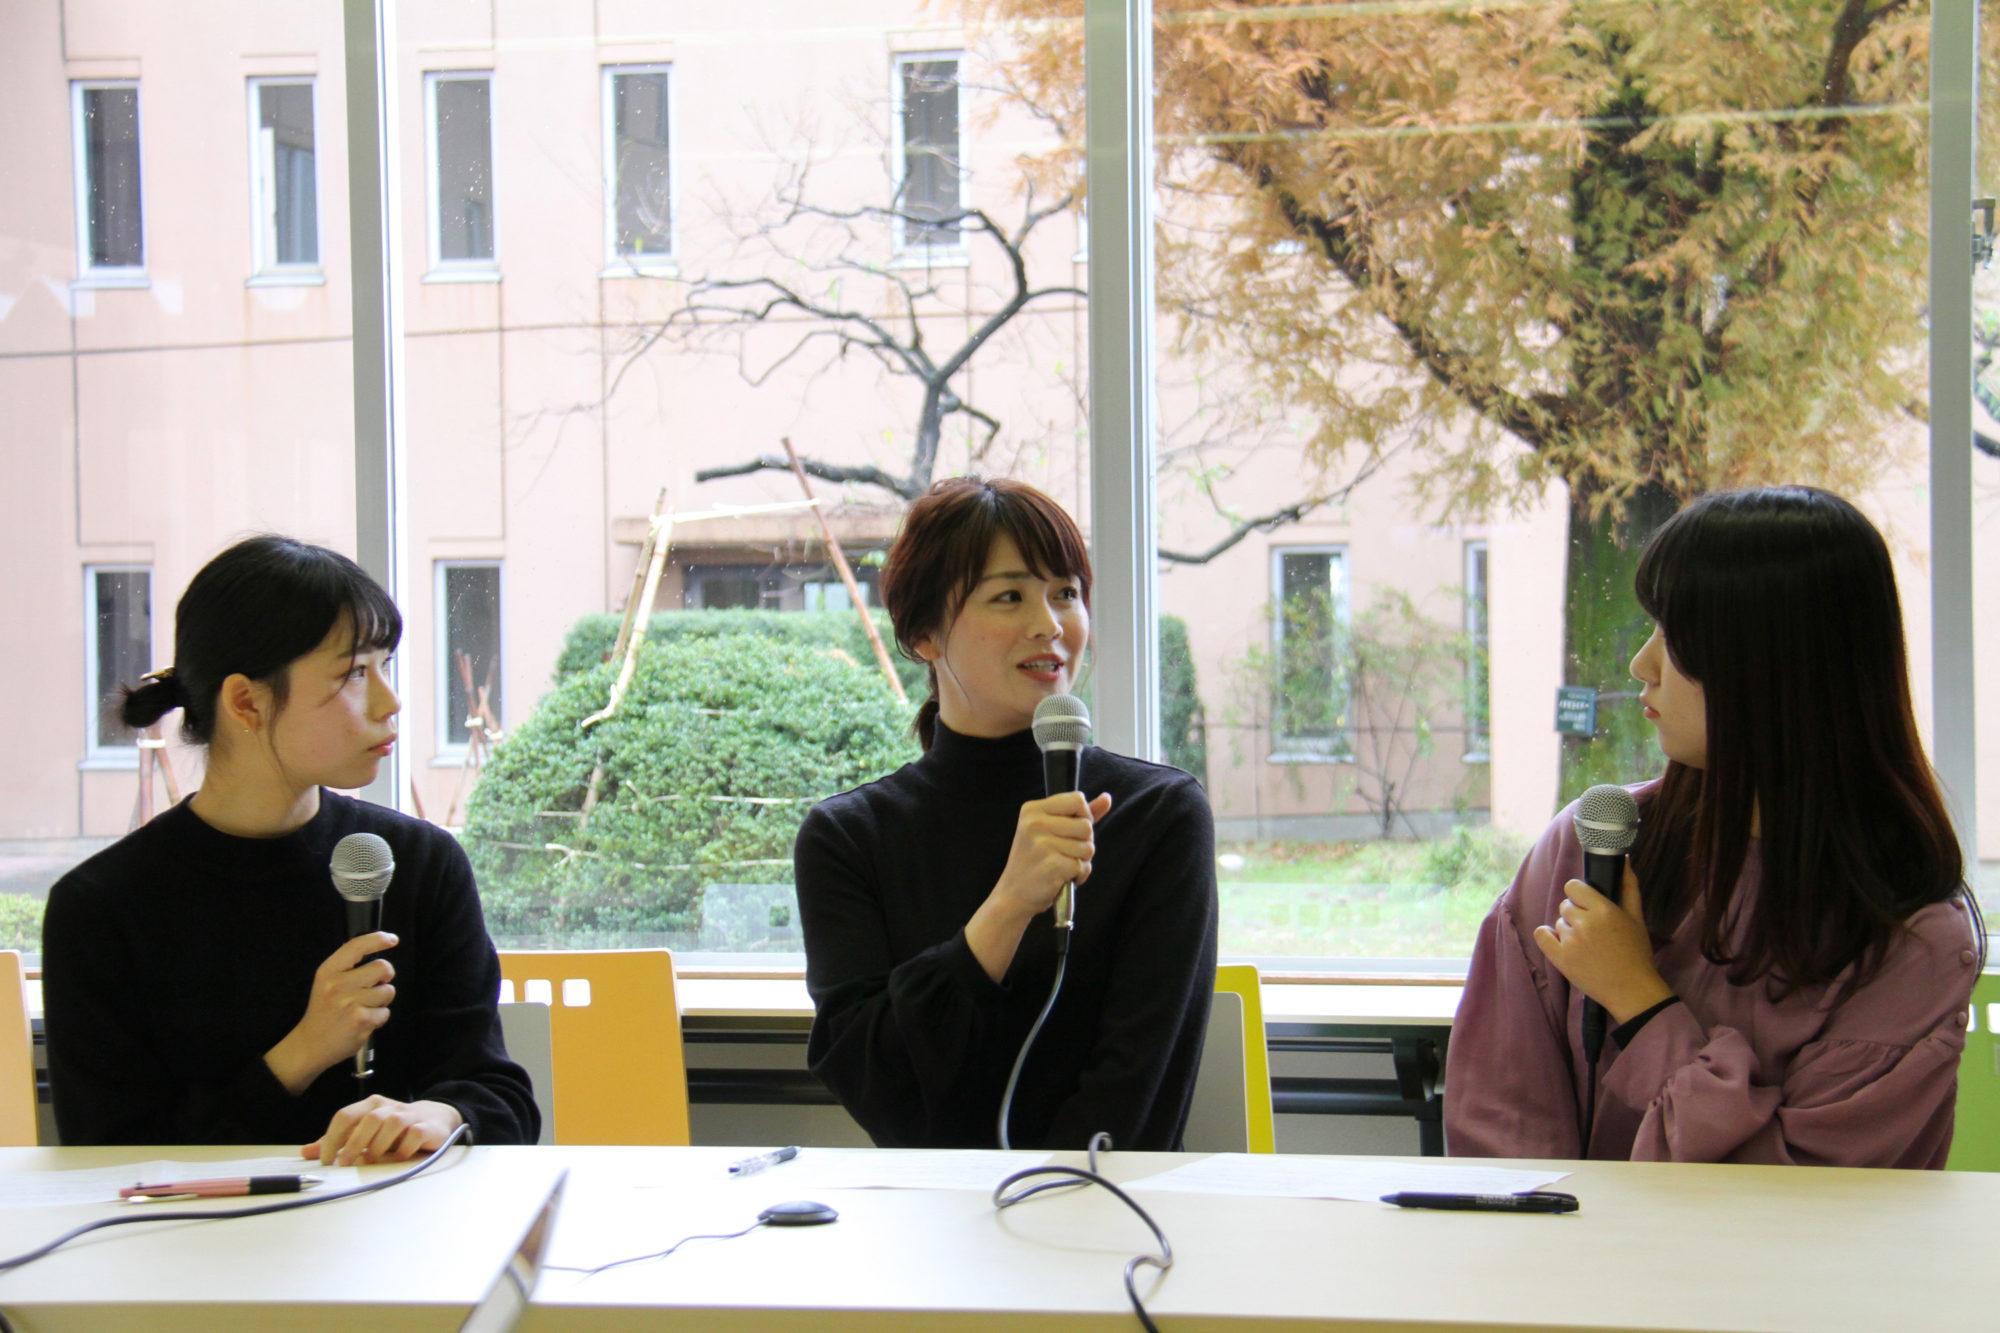 学生たちのラジオ番組に、卒業生の高井瑛子アナウンサーがゲストで来てくれました!